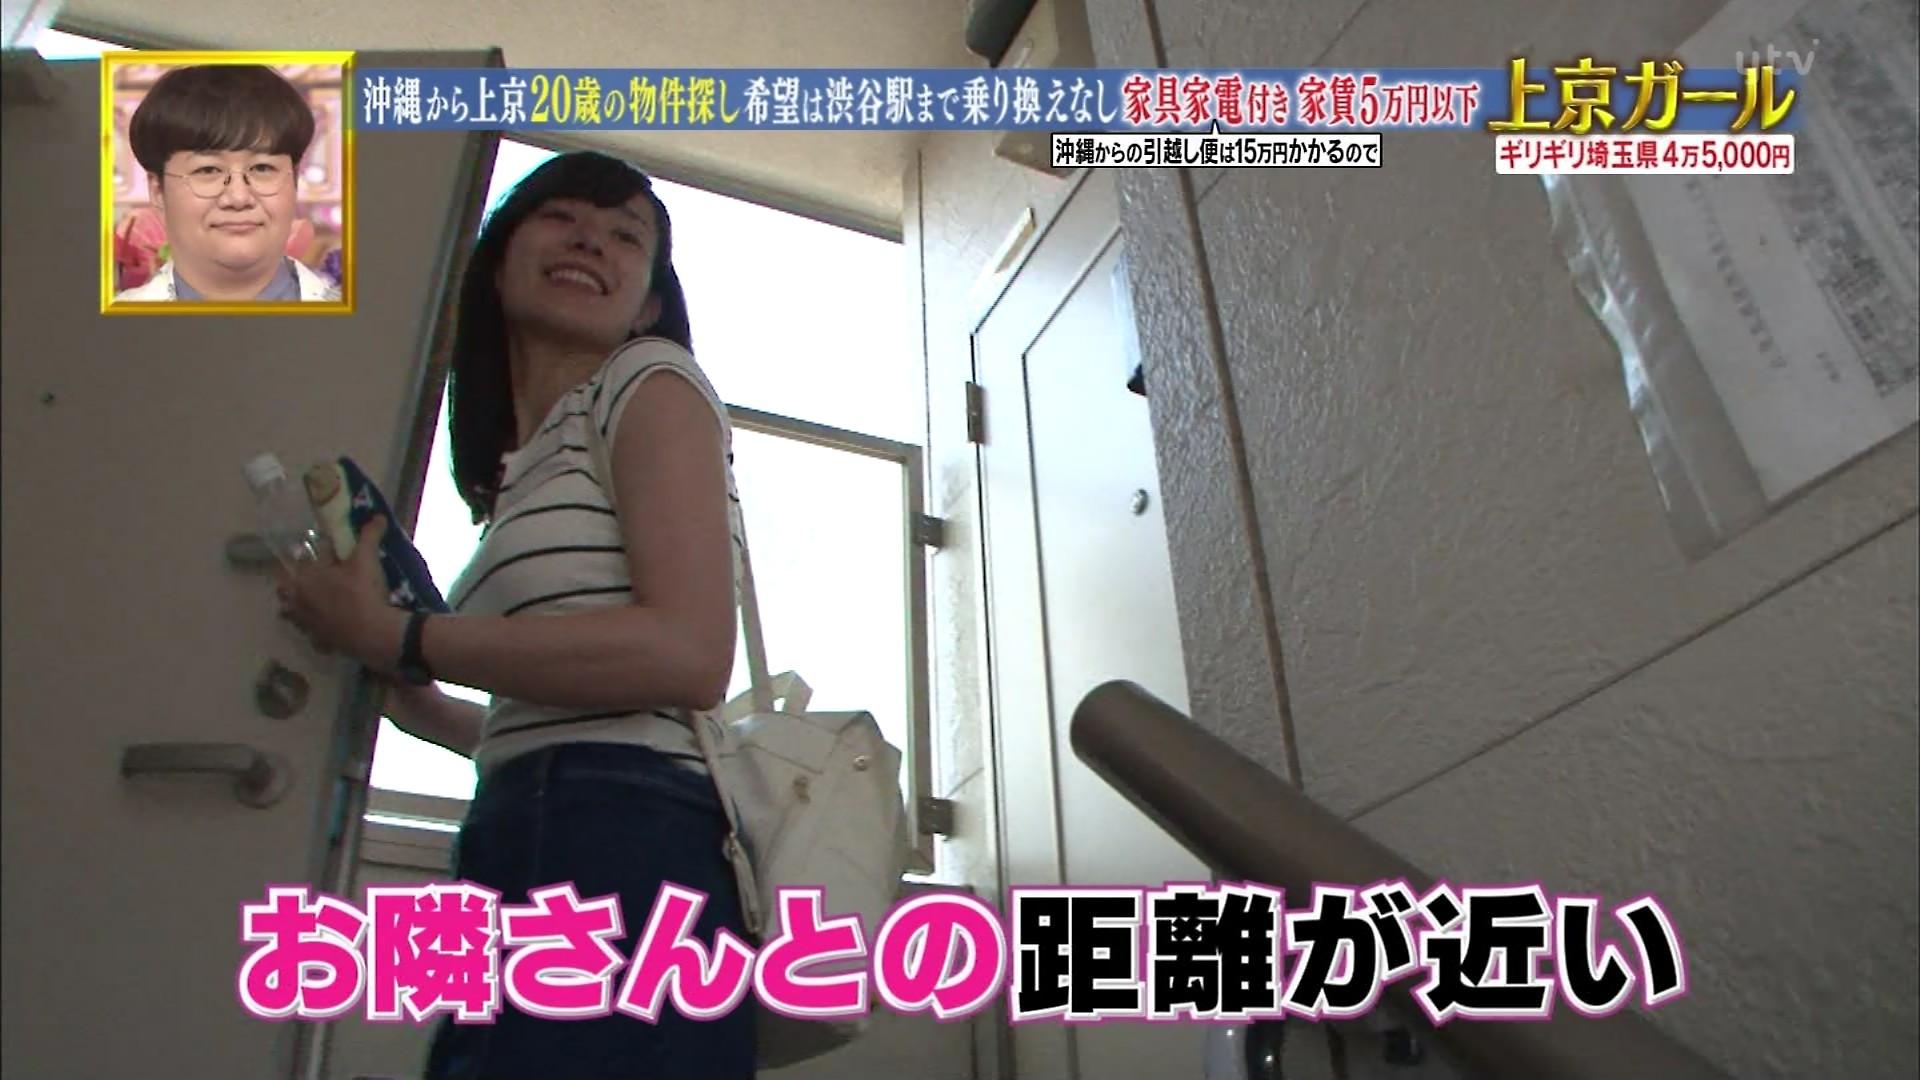 沖縄美女_パンチラ_放送事故_テレビキャプ画像_10